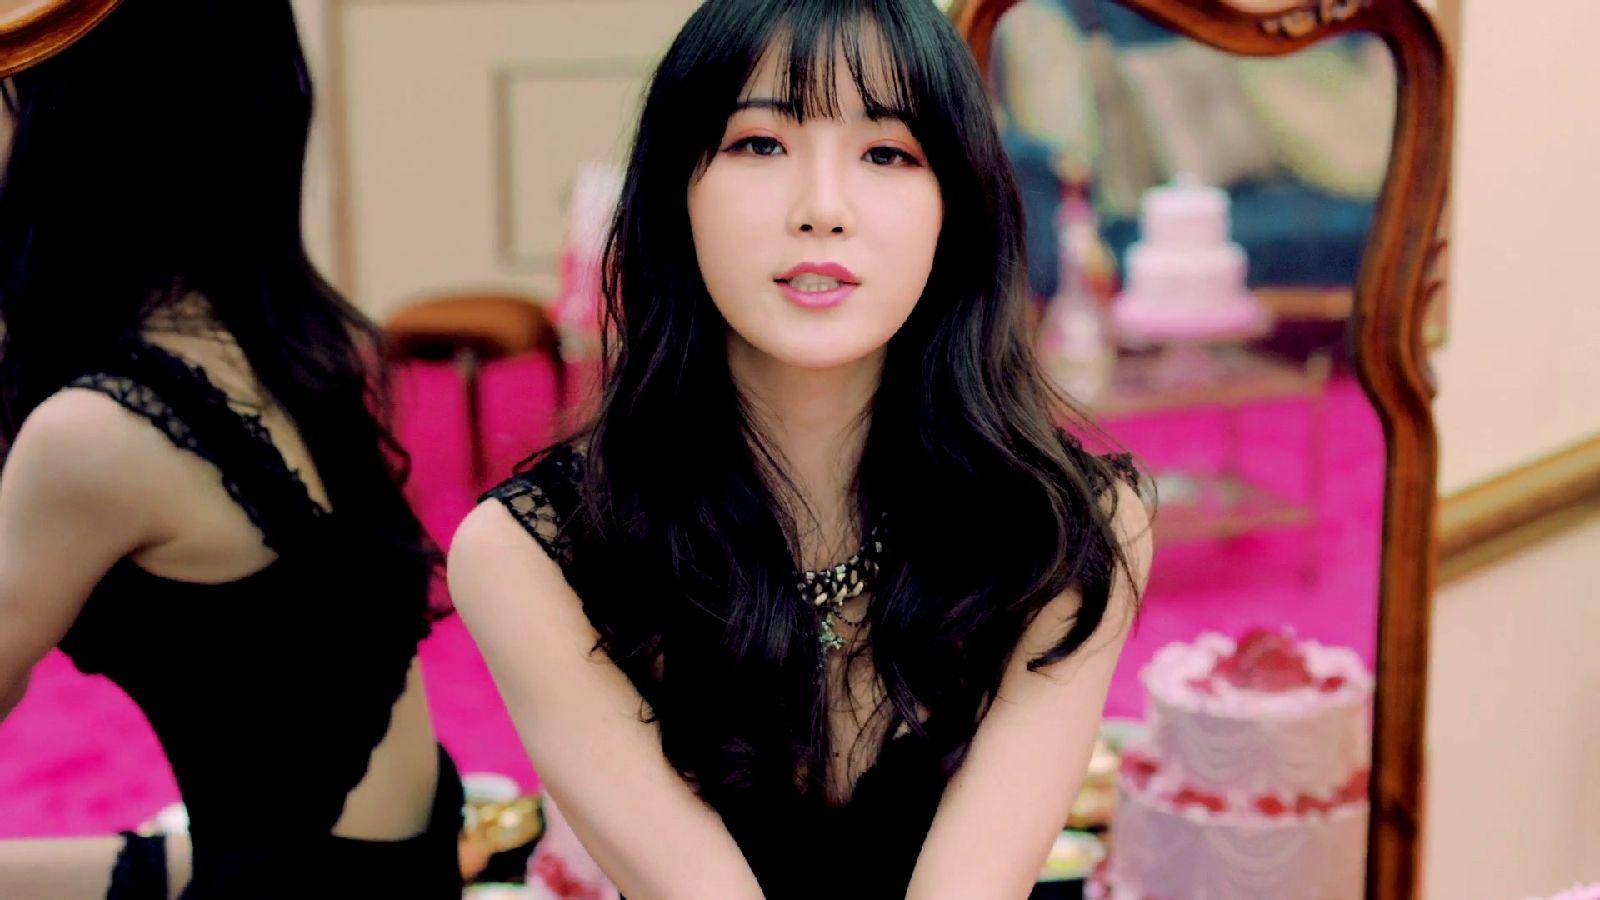 请问在韩国rainbow组合的歌曲cha cha的mv中这个辨识率很高,抹着粉红